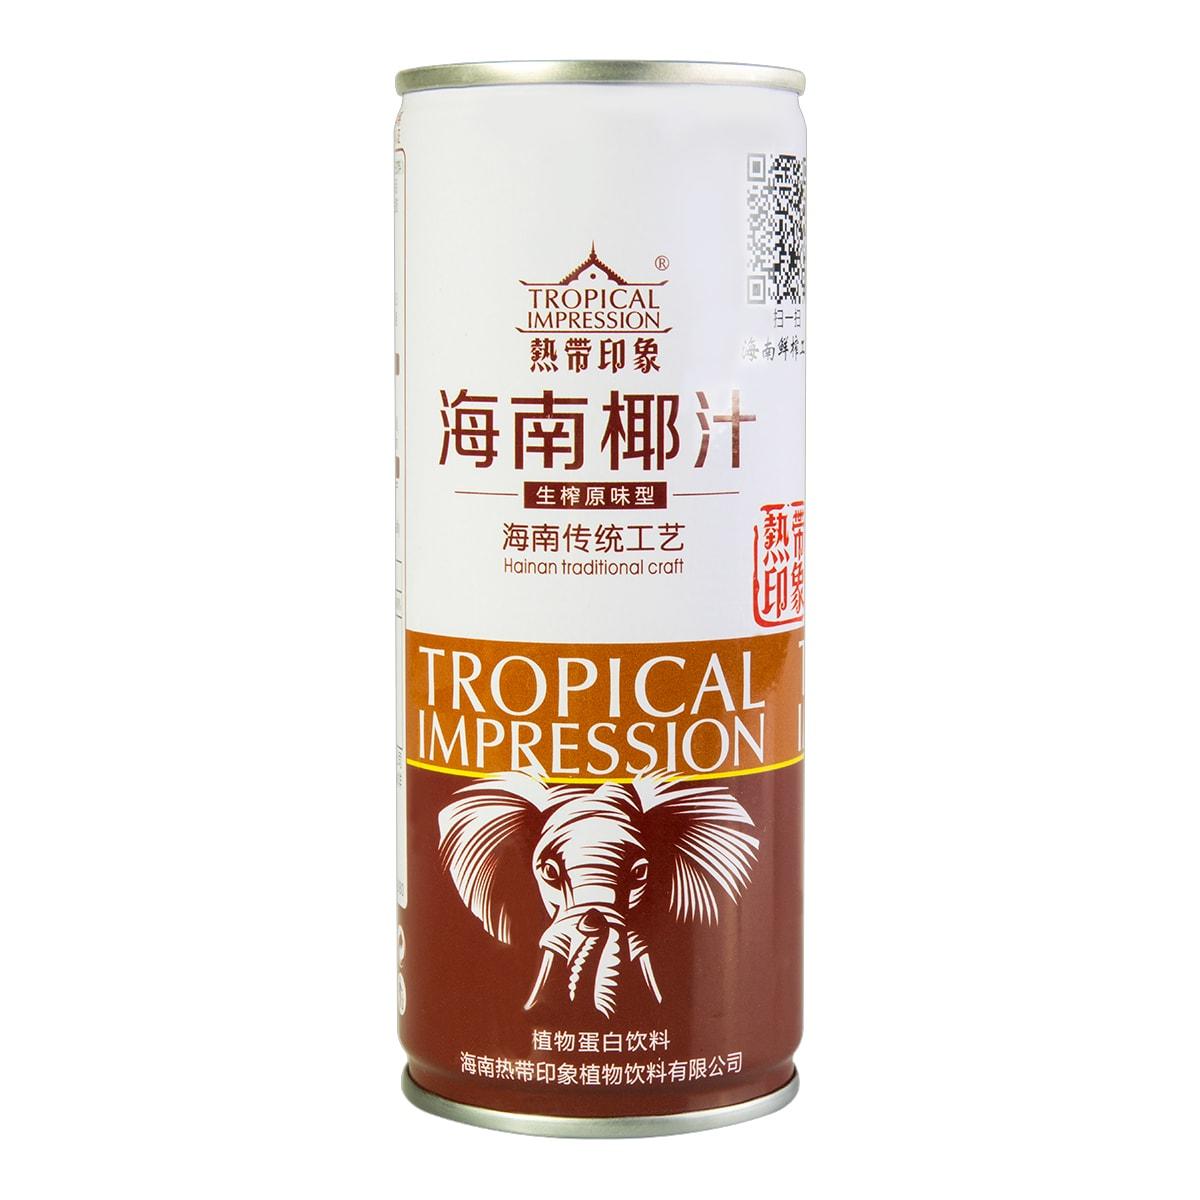 【清仓】热带印象 海南椰汁 245ml